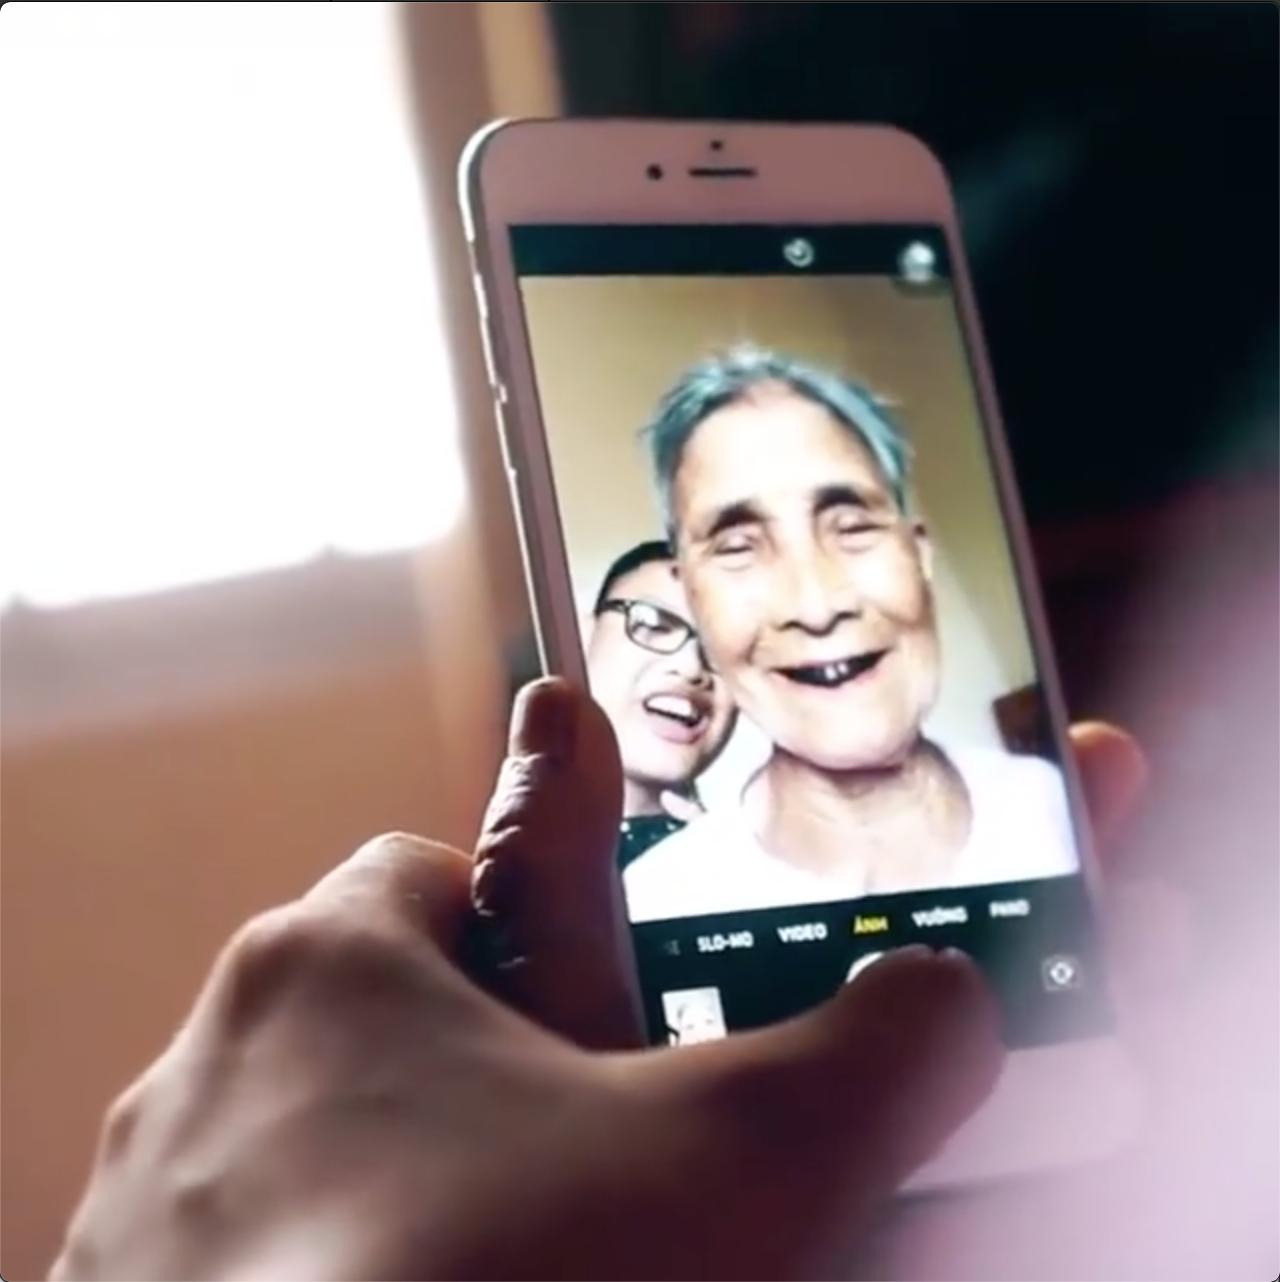 Cụ bà 93 tuổi lần đầu nhìn mình qua camera điện thoại: Giống đấy, nhưng mặt hơi gầy, mắt hơi sâu một chút - Ảnh 2.